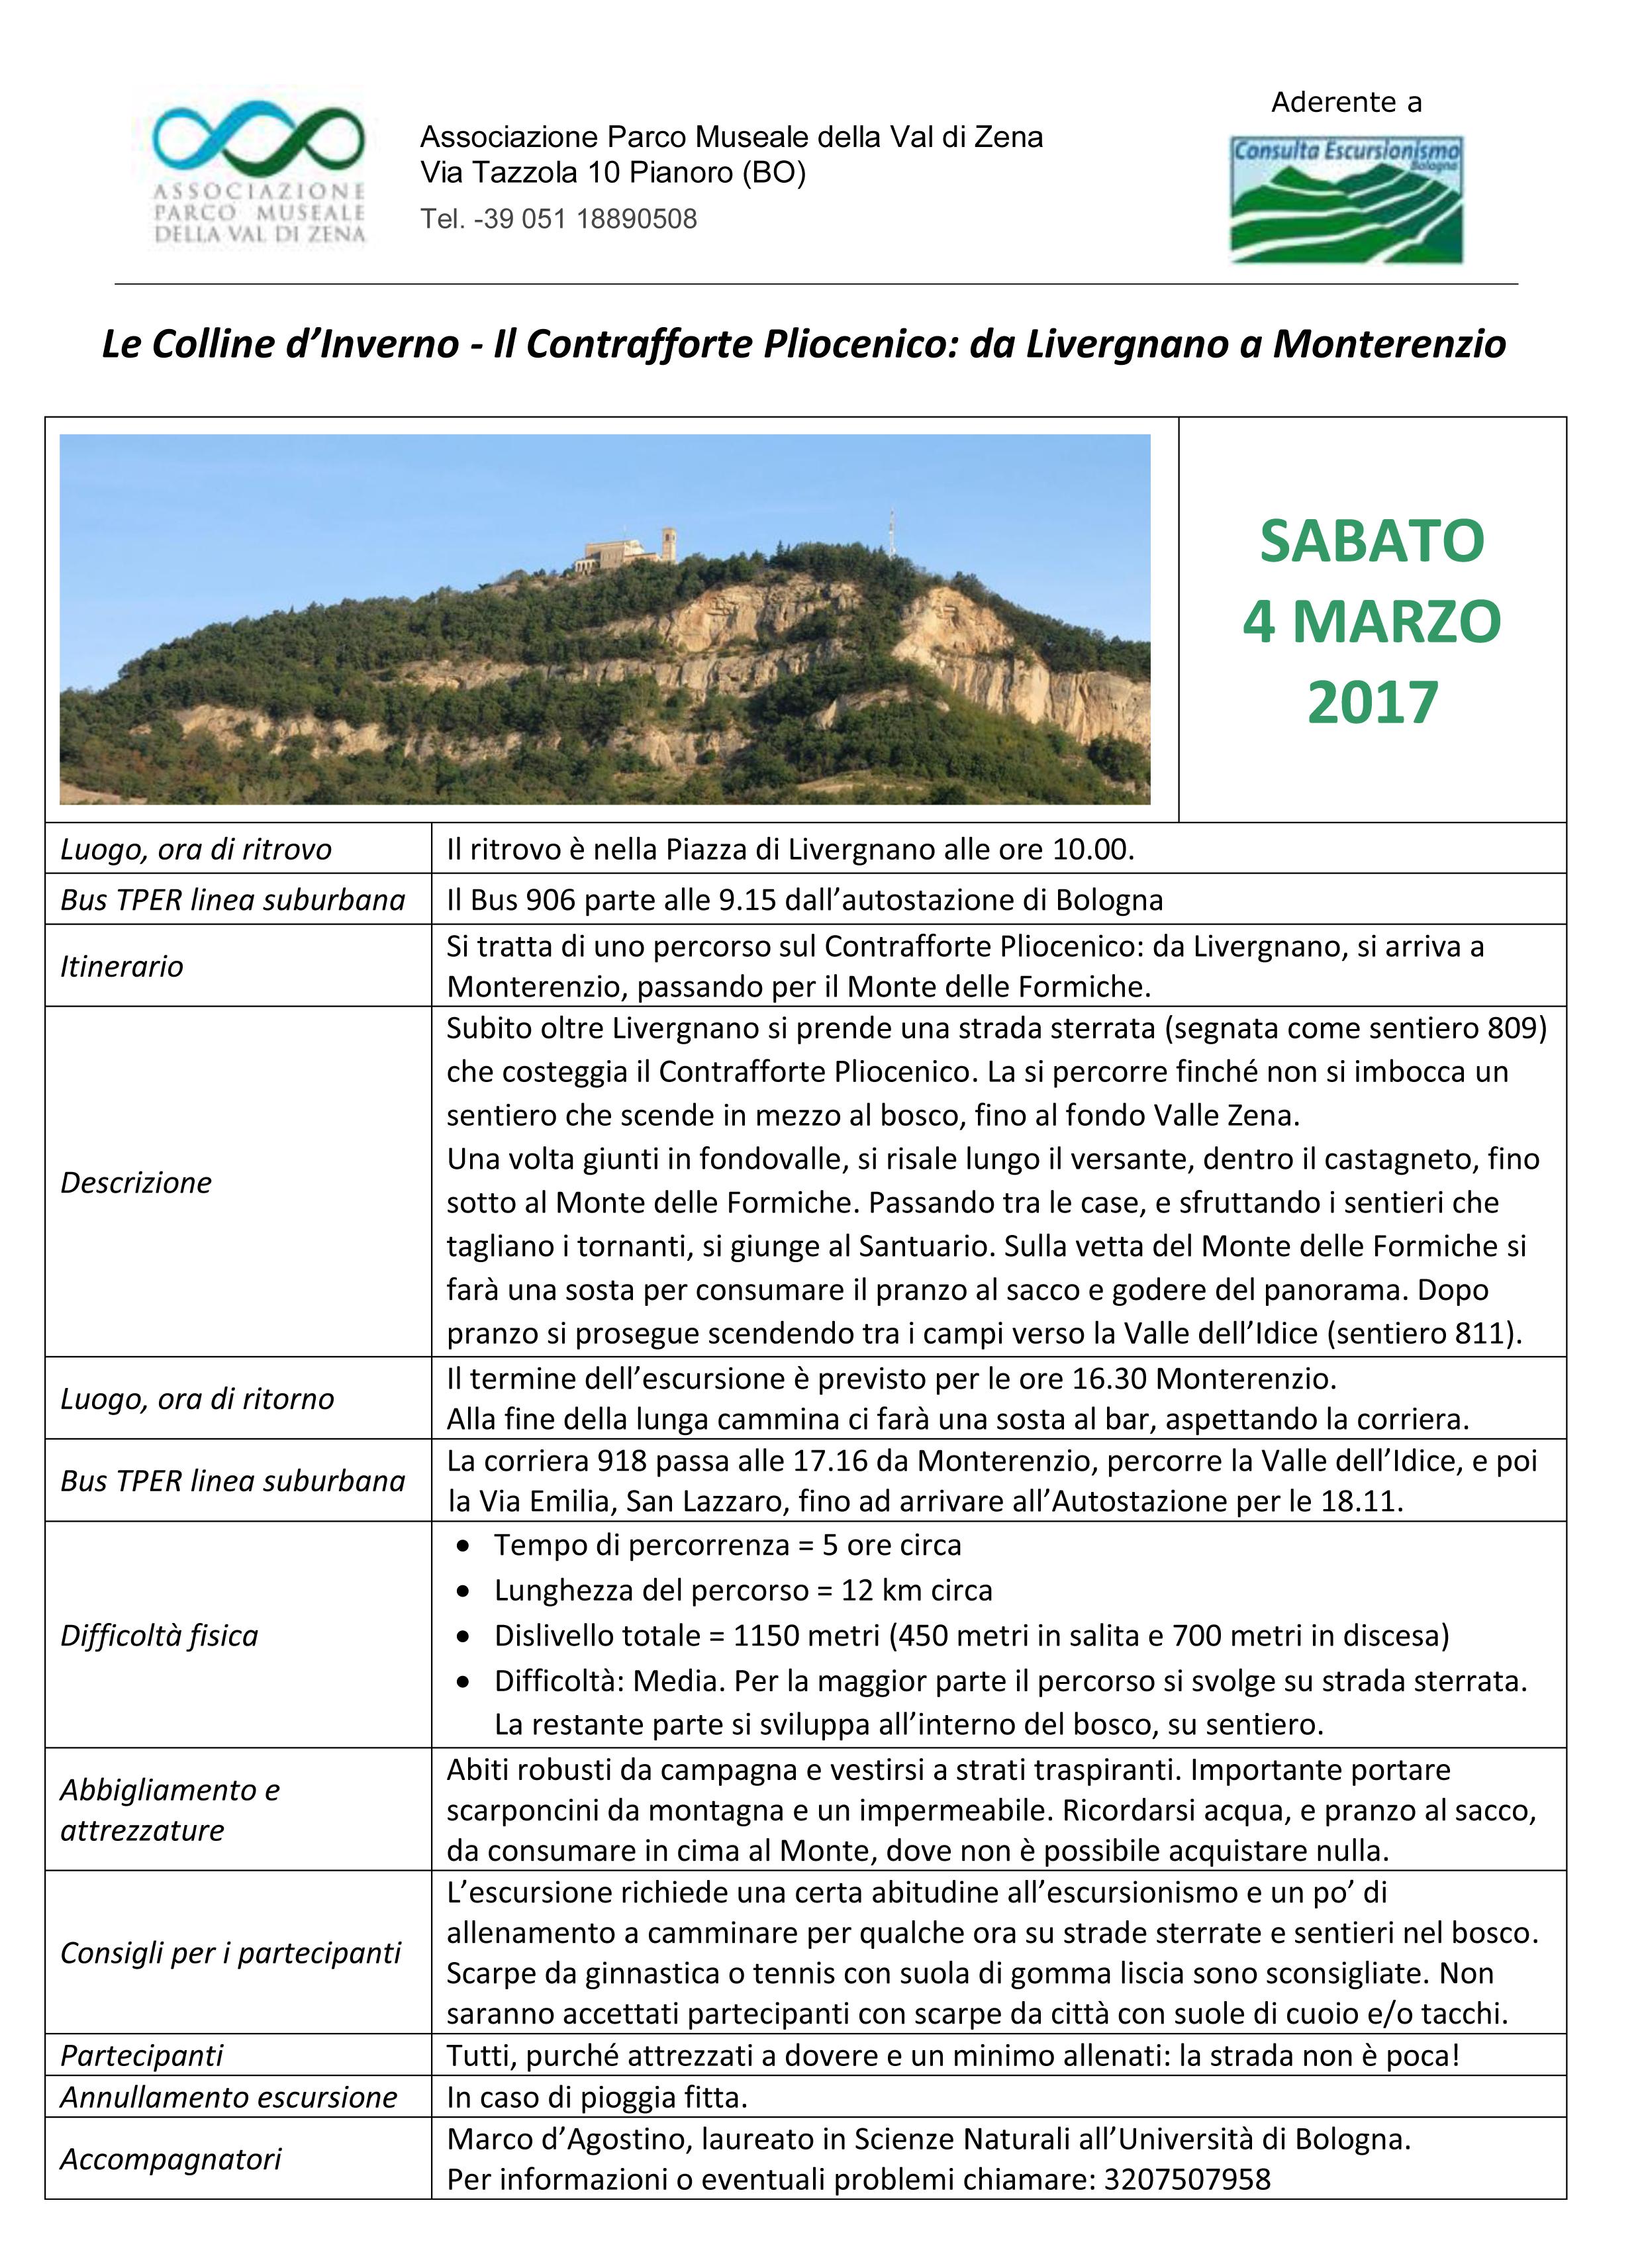 4 Marzo 2017 Il contrafforte Pliocenico da Livergnano a Monterenzio